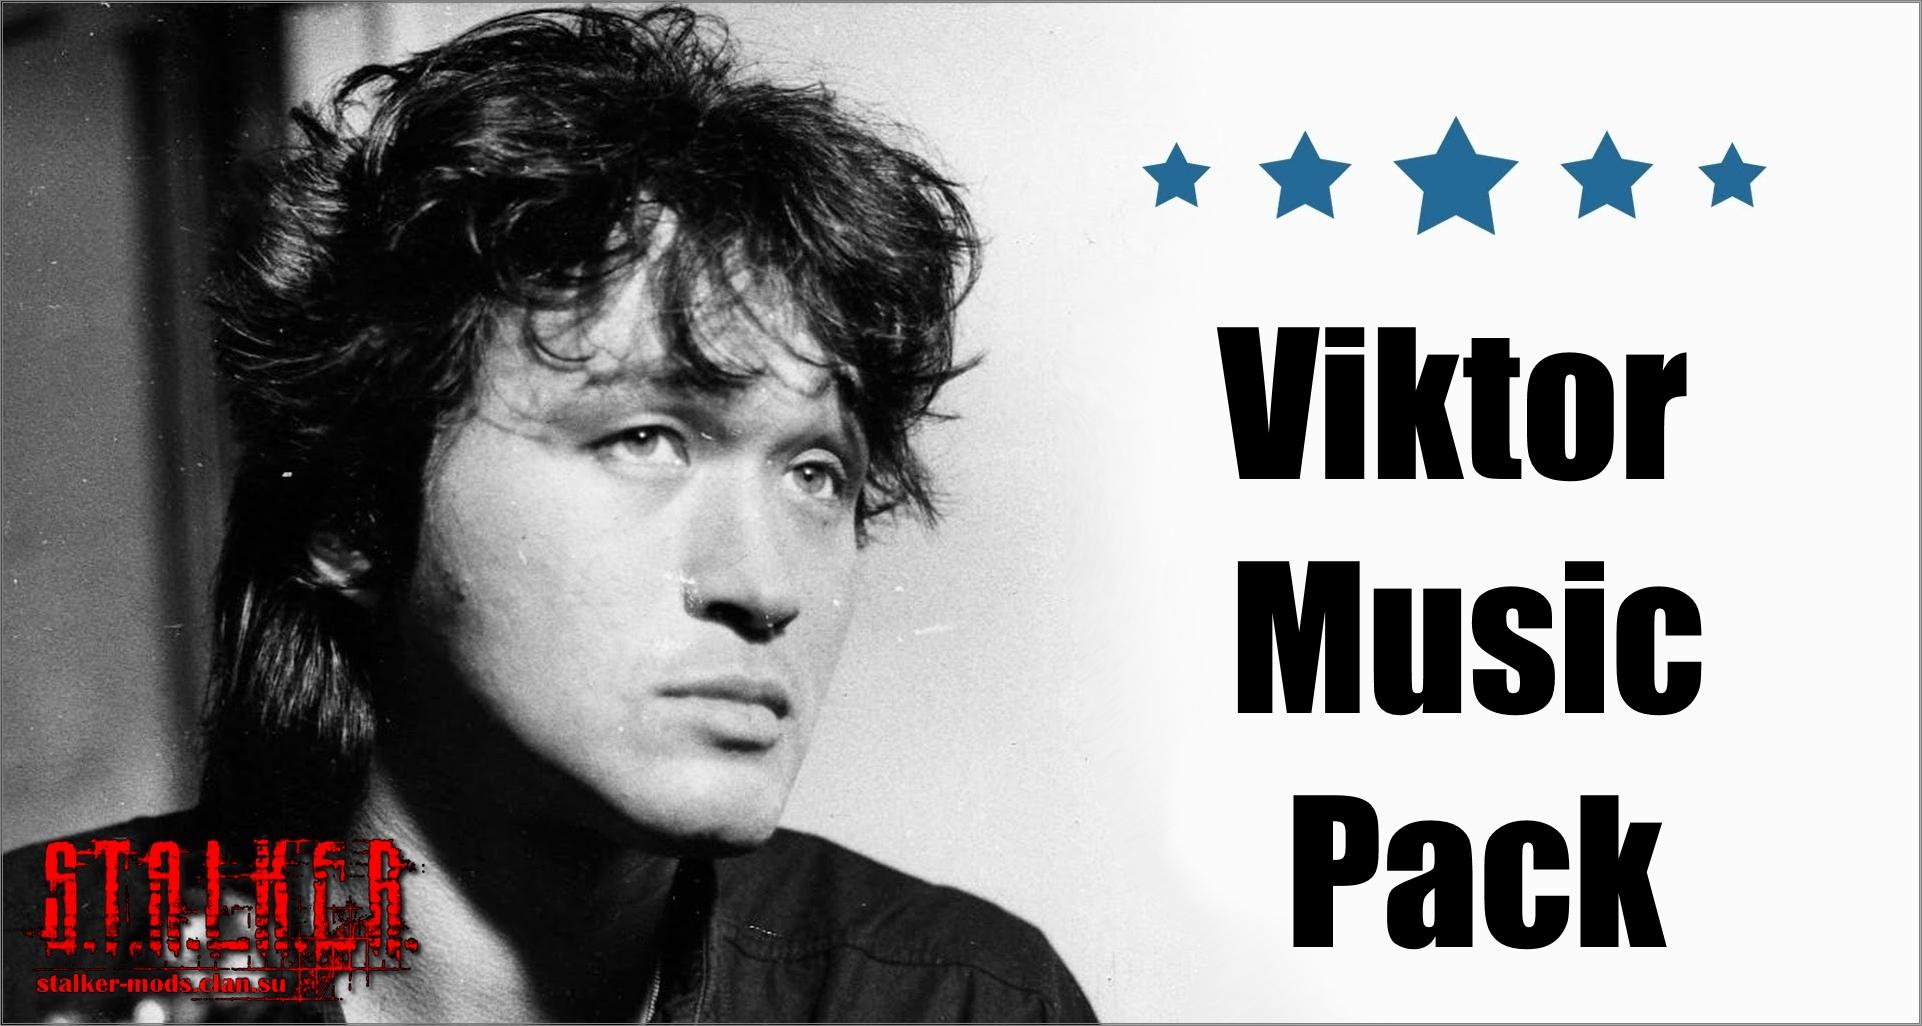 Viktor Music Pack